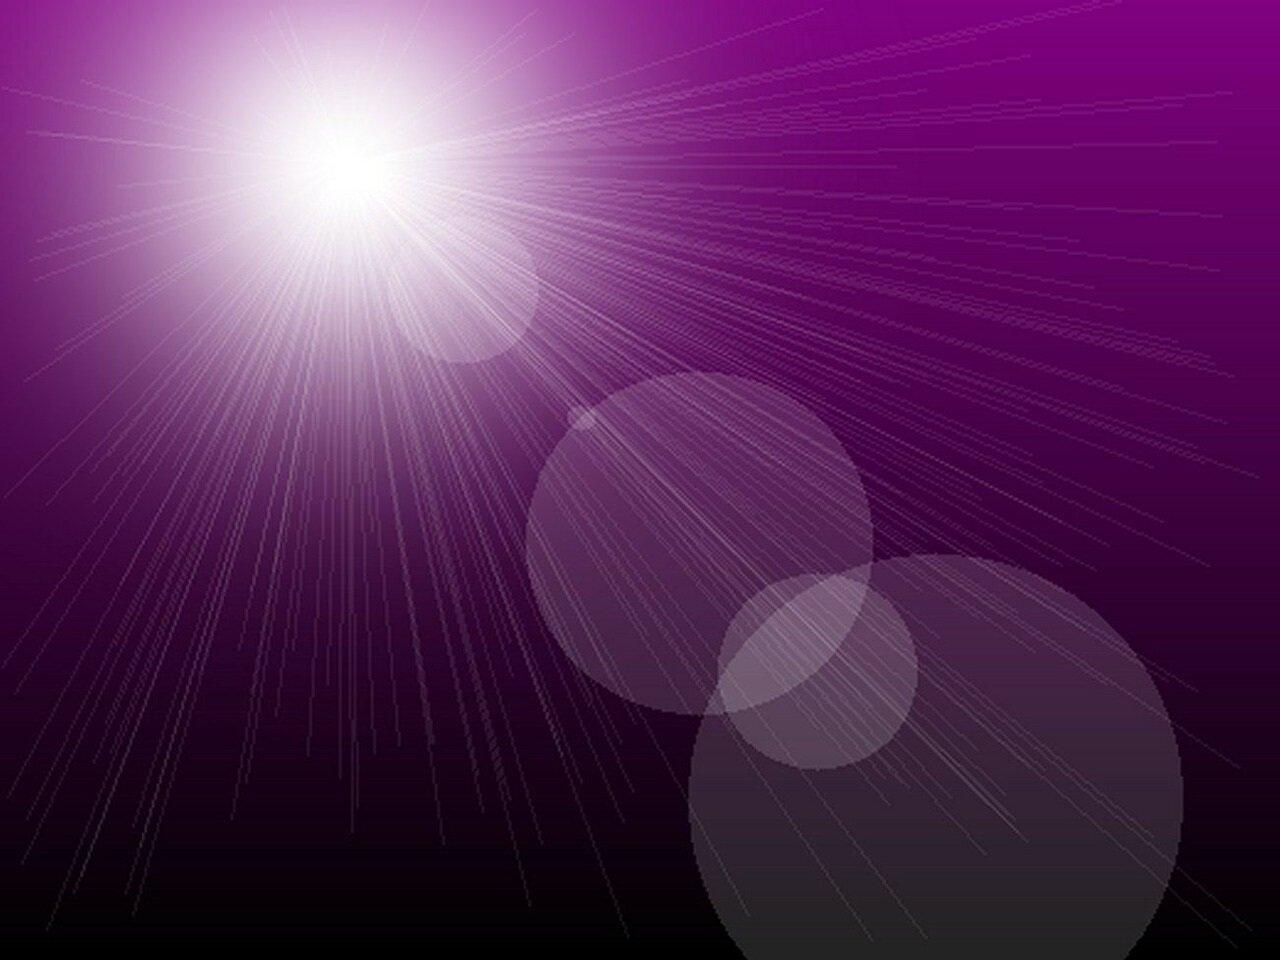 Mediale Energiearbeitfür Menschen - • Mediale Rückführungen, um alte Seelenverträge zu lösen.• Rückholung von dunklen Seelenanteilen ins Licht.• Energetische Hausreinigung.• Persönliche Channelings für dich.. Und noch einiges mehr.Kosten: 100 - 180 Euro